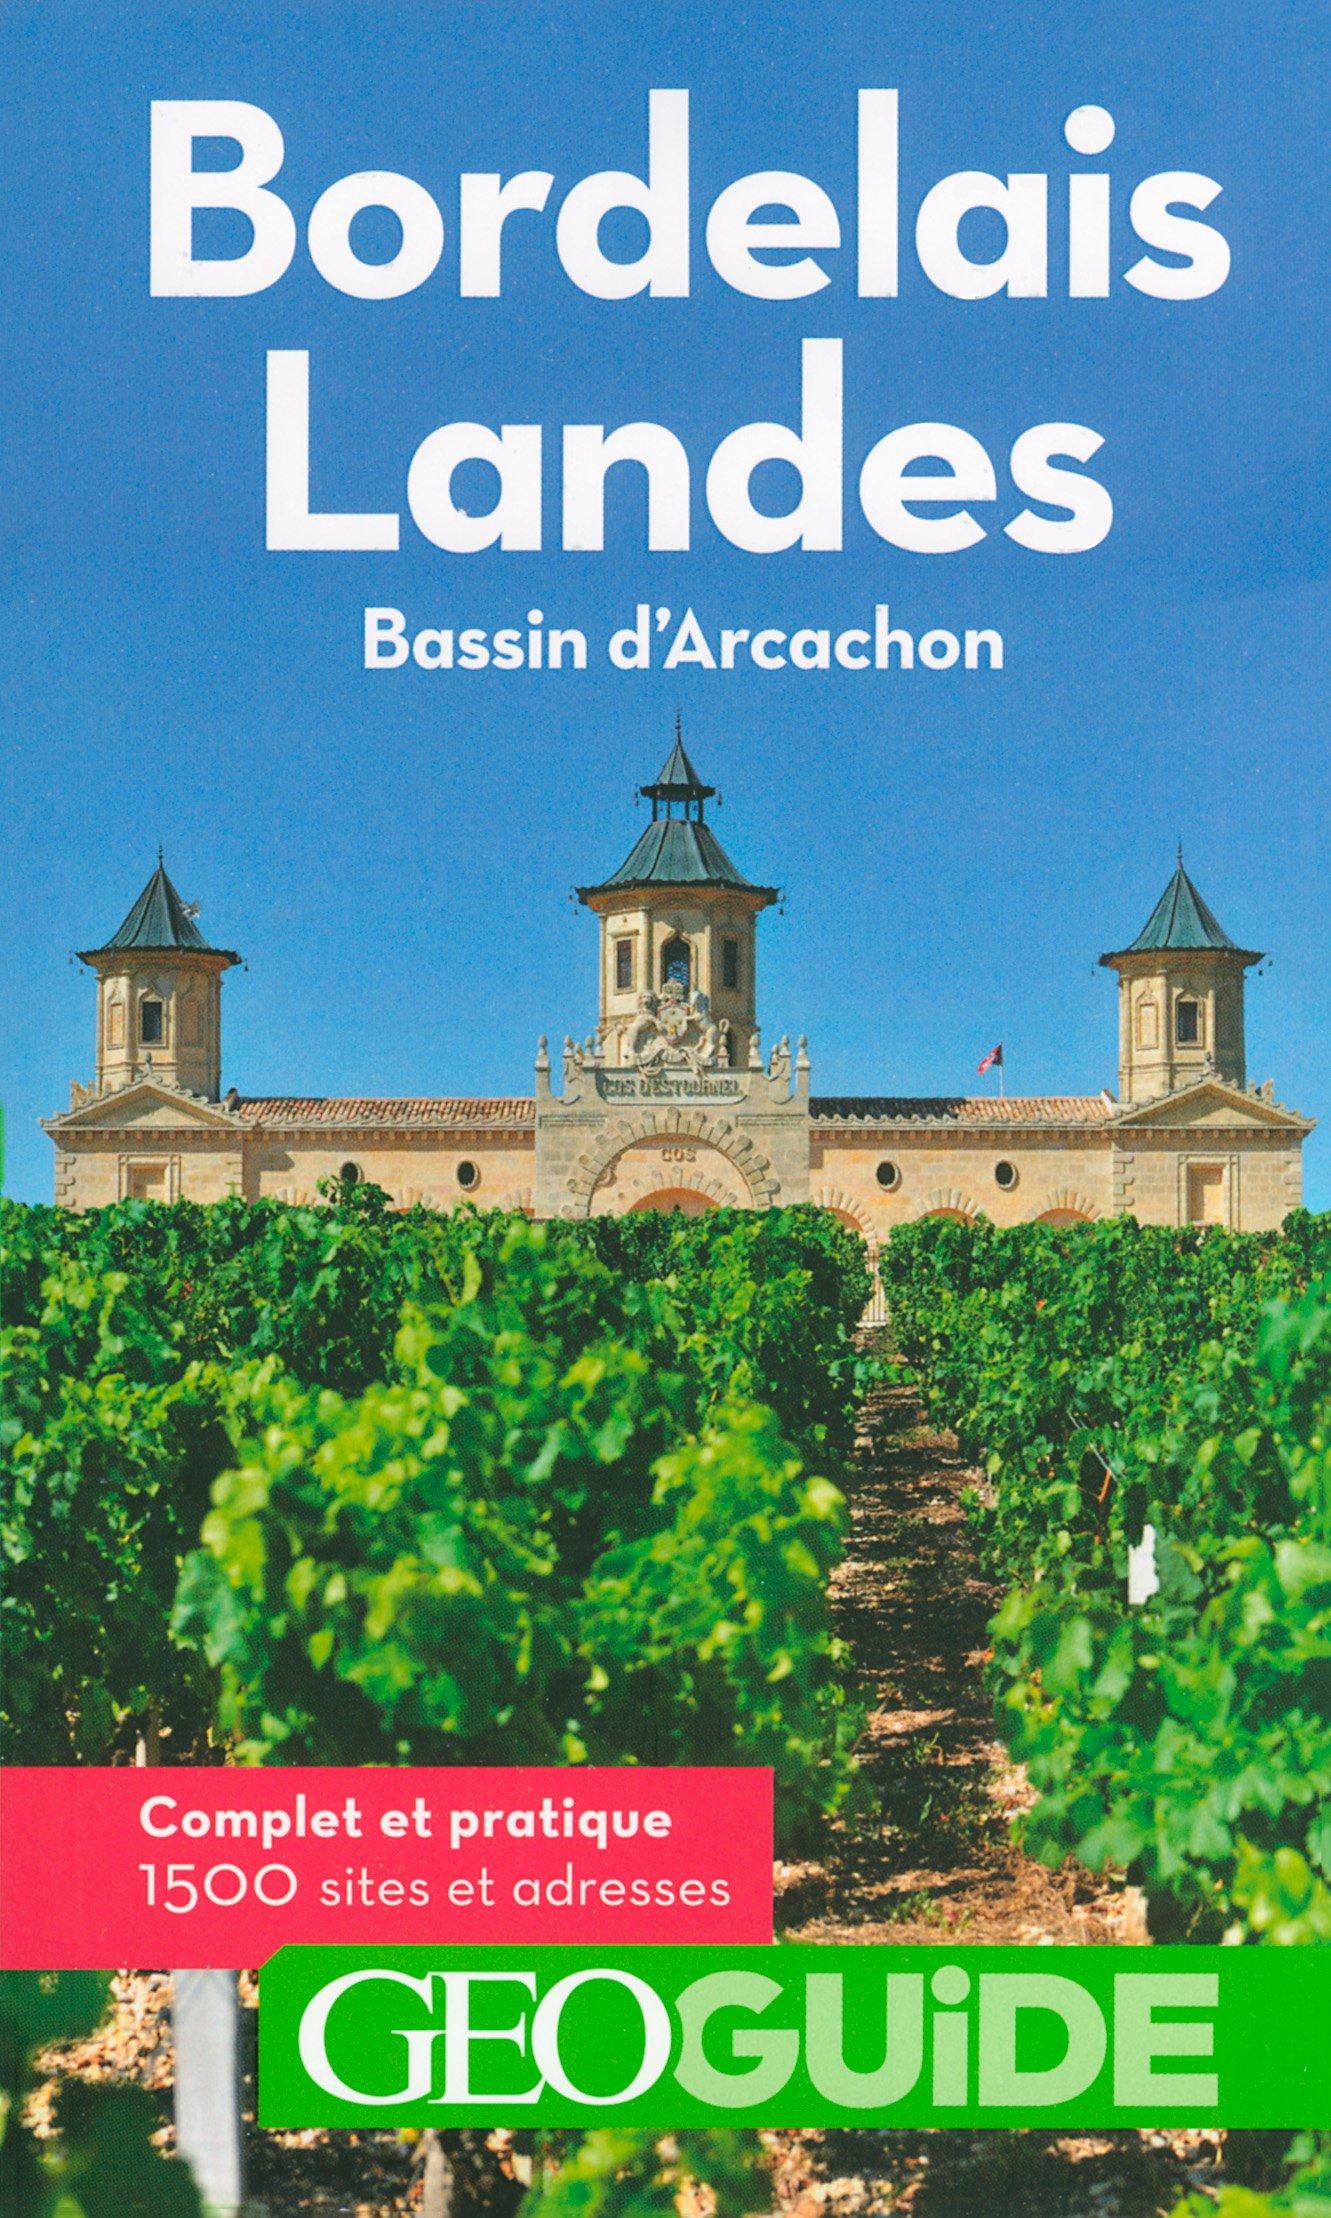 Bordelais - Landes: Bassin d'Arcachon Broché – 17 février 2017 Vincent Grandferry Pierre Guitton Gallimard Loisirs 2742446222